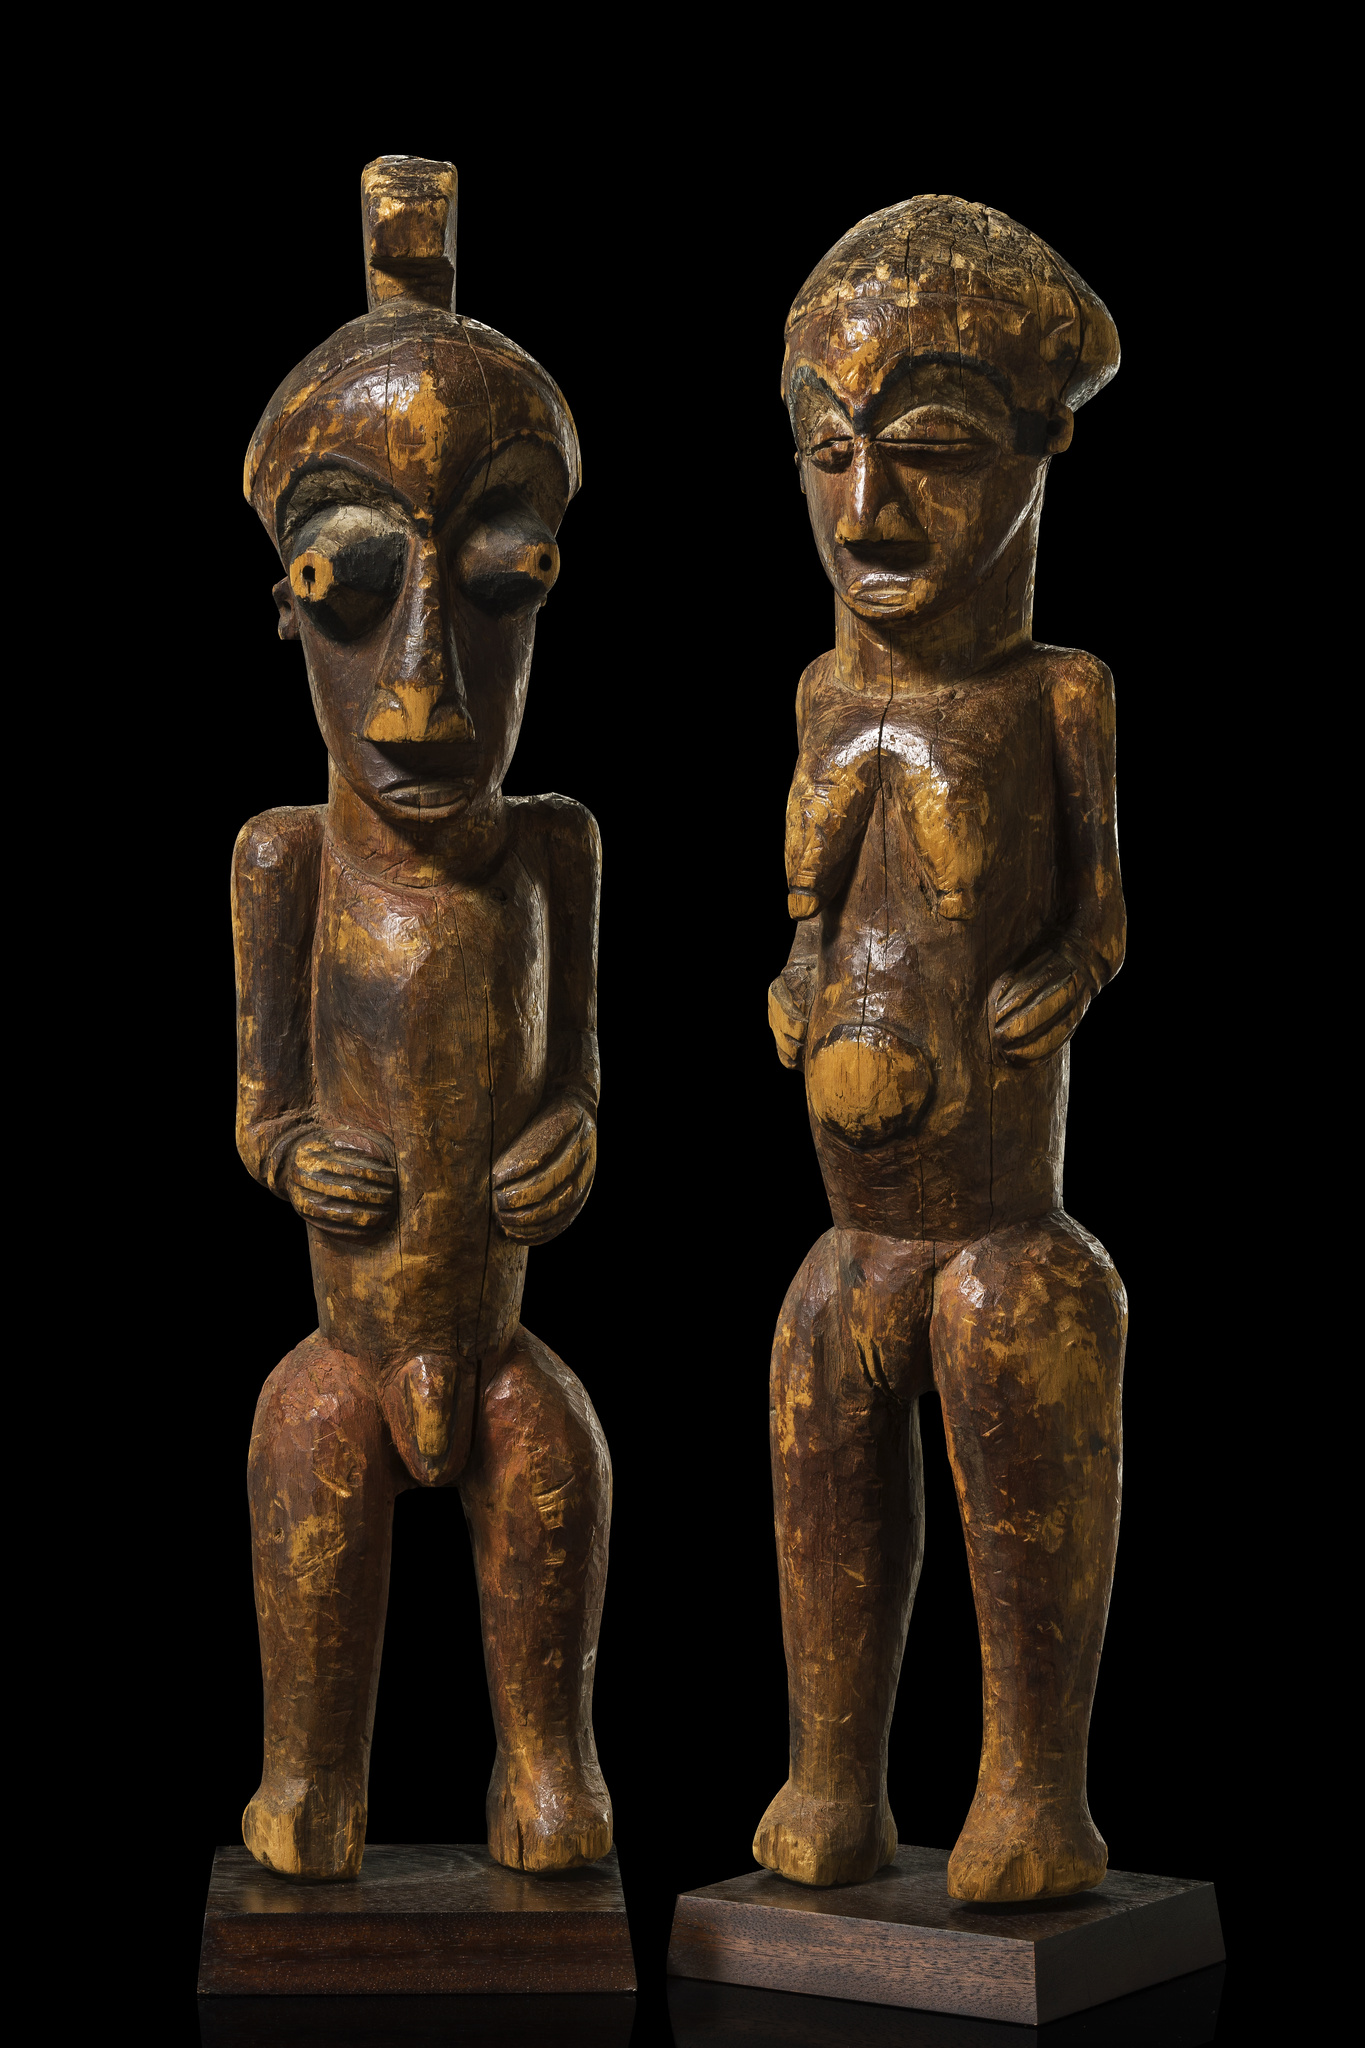 Stehendes männlich/weibliches Figurenpaar